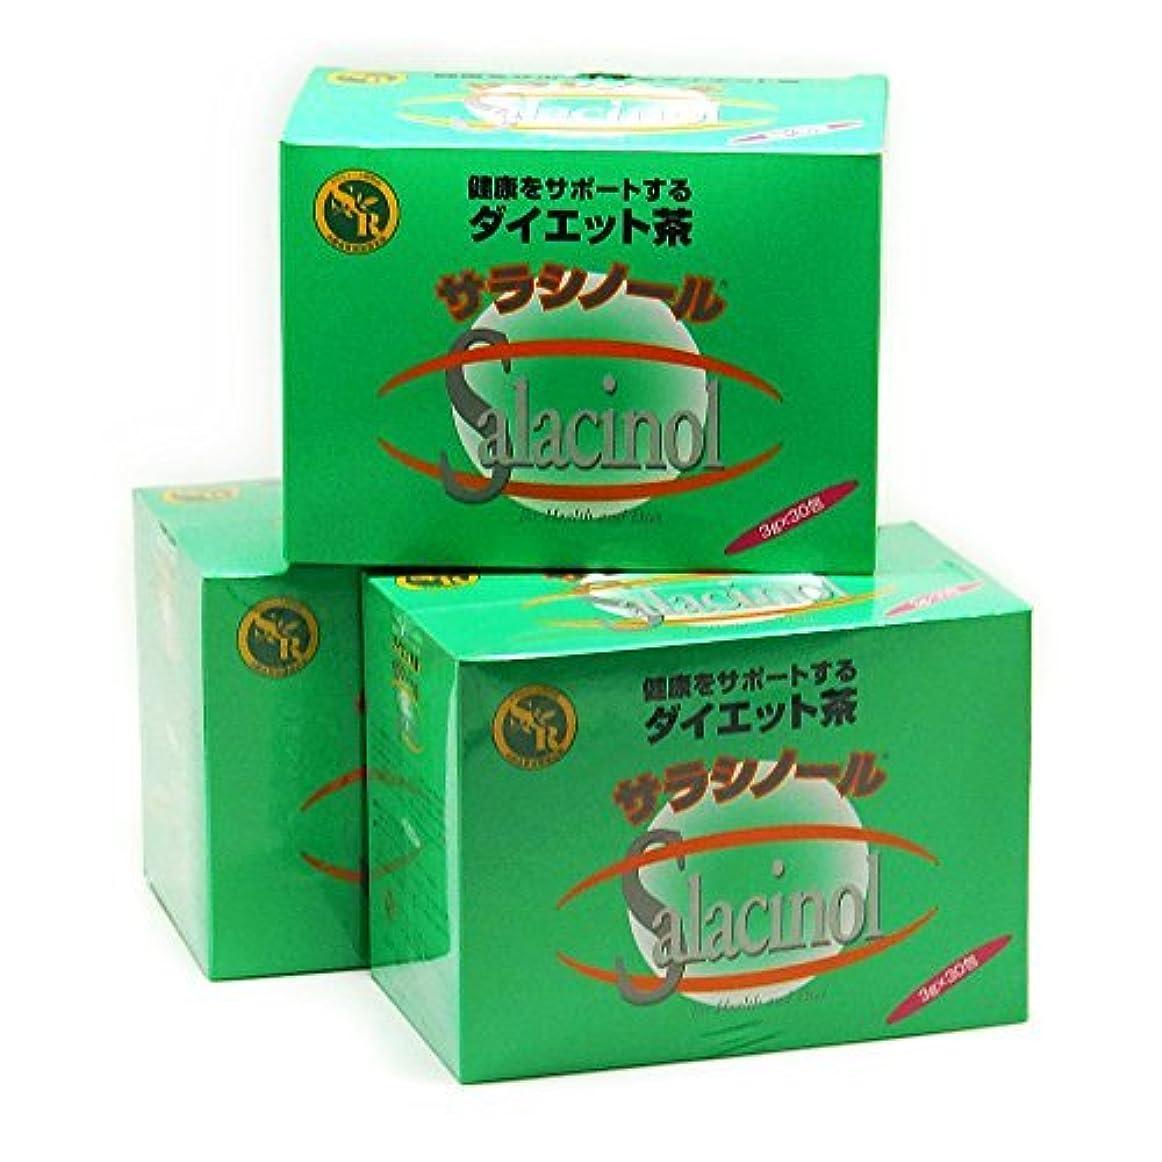 遊び場共同選択ガスサラシノール茶3g×30包(ティーバック)3箱